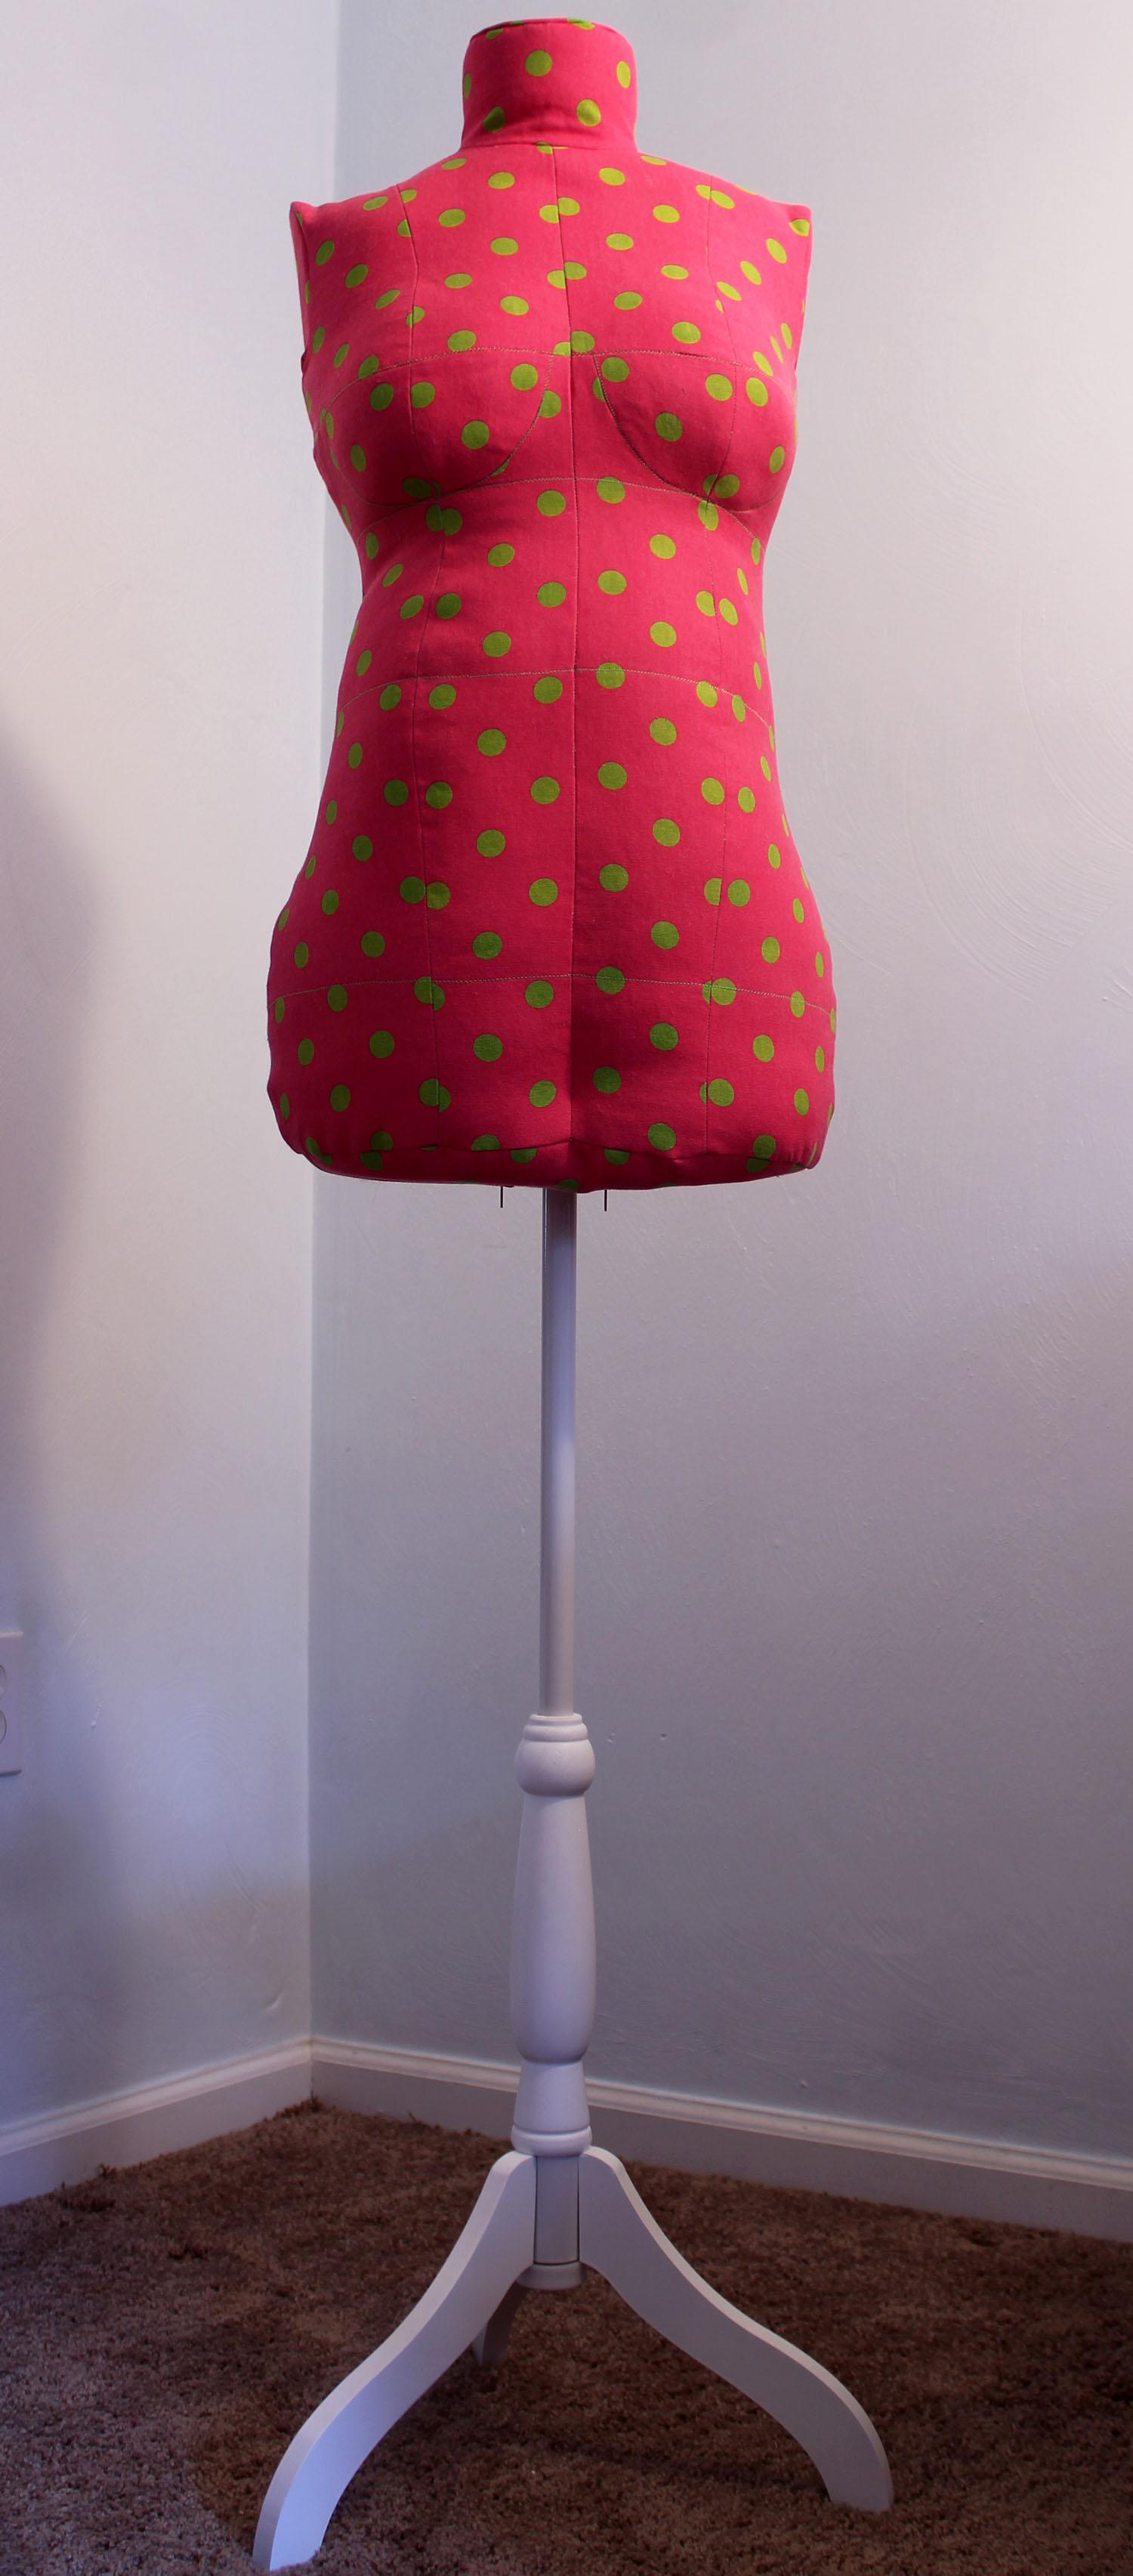 dressform full length.jpg